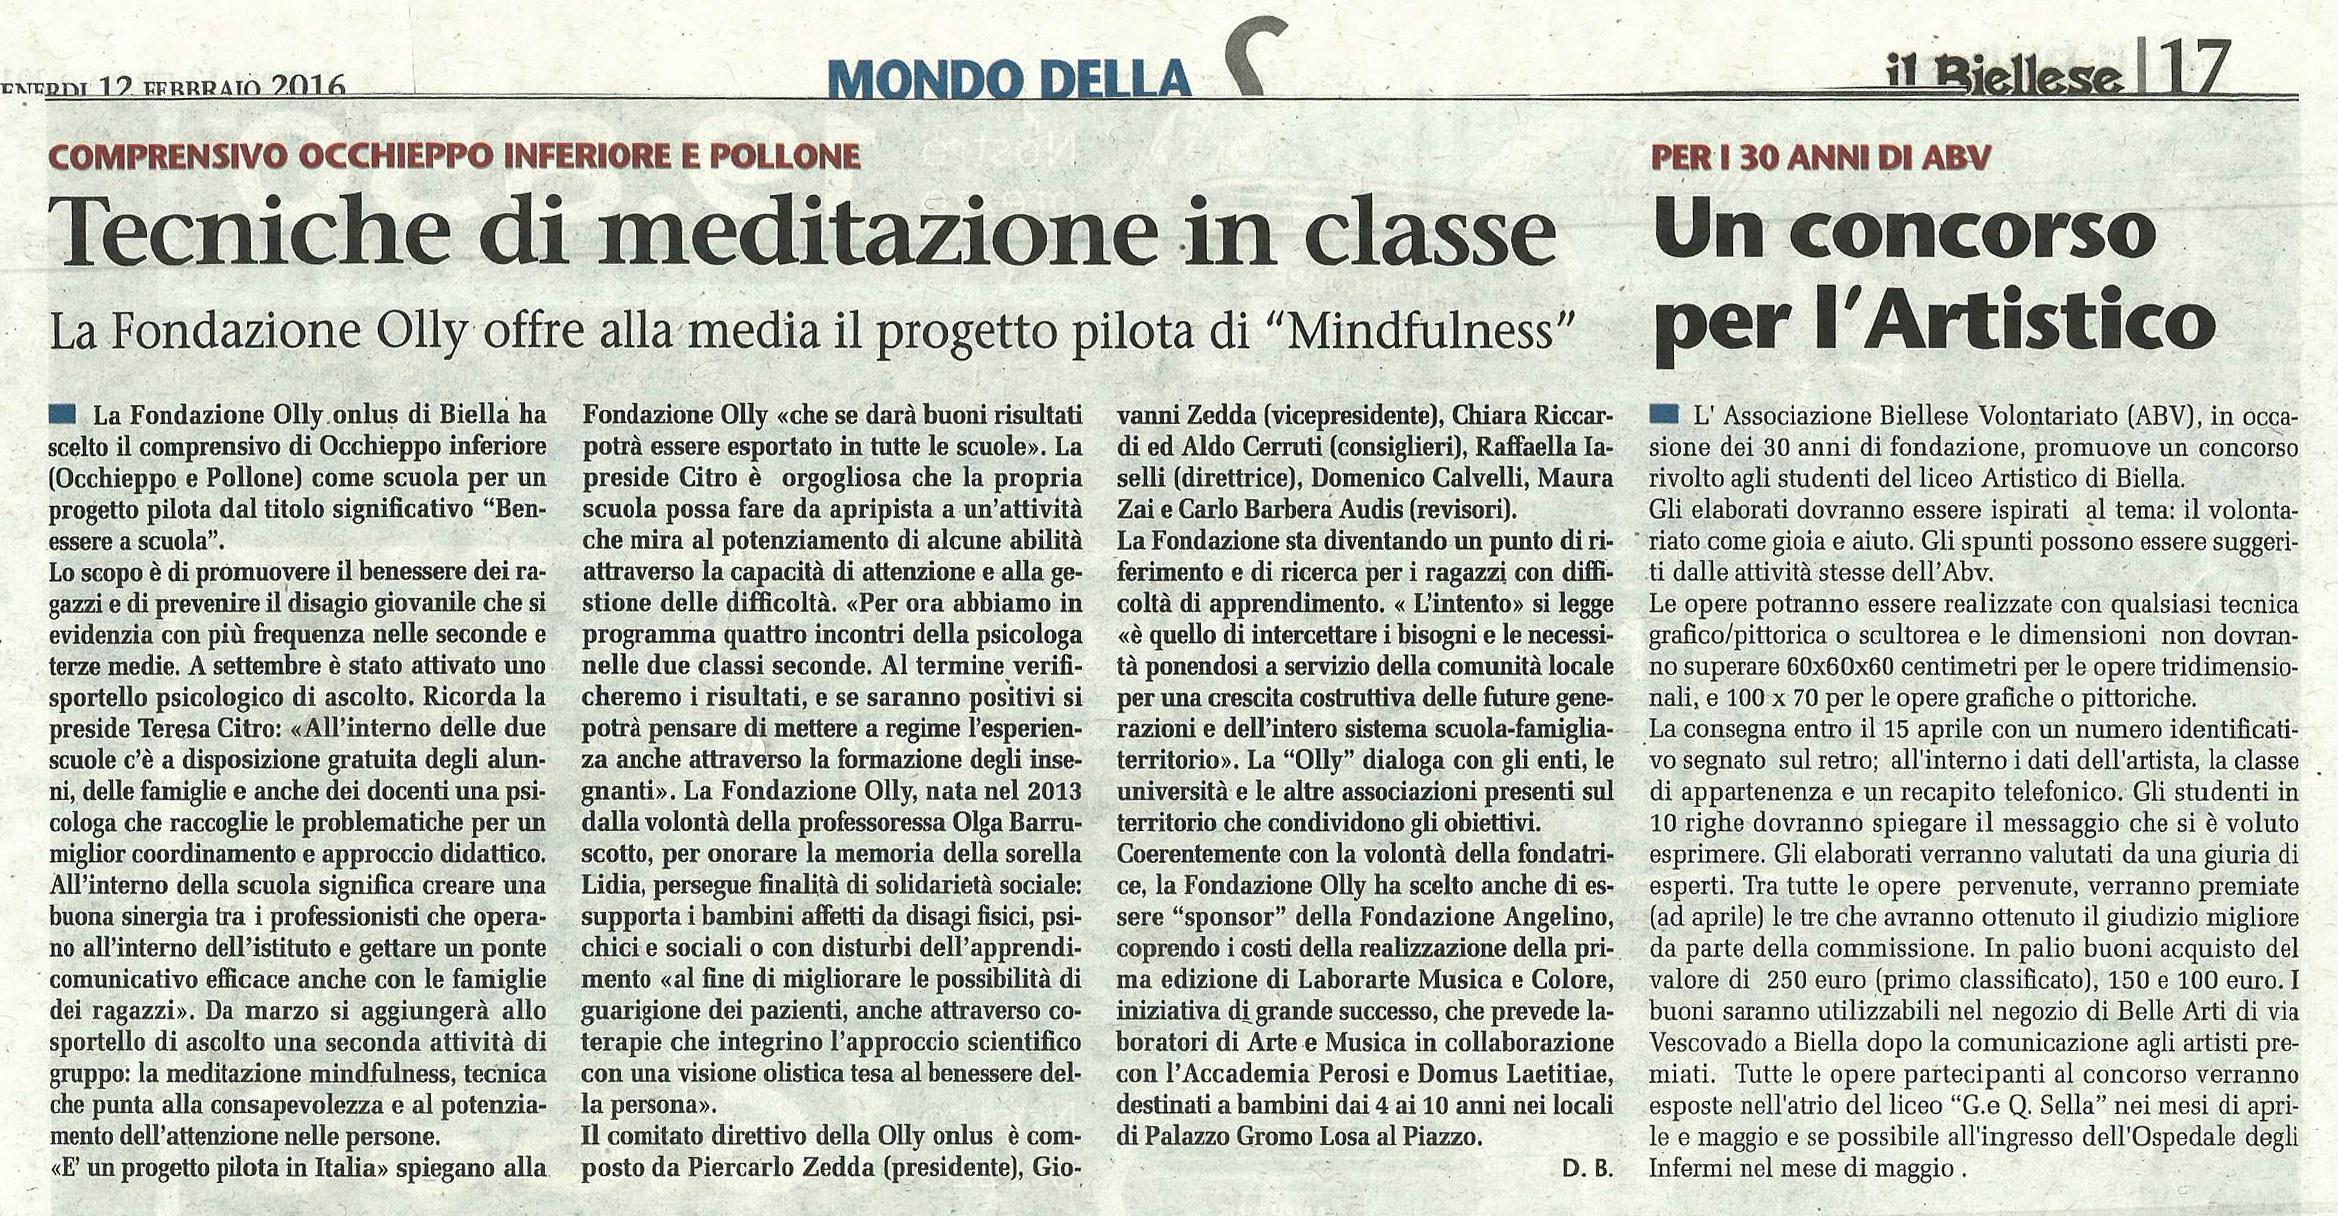 Articolo Il Biellese 12.02.2016